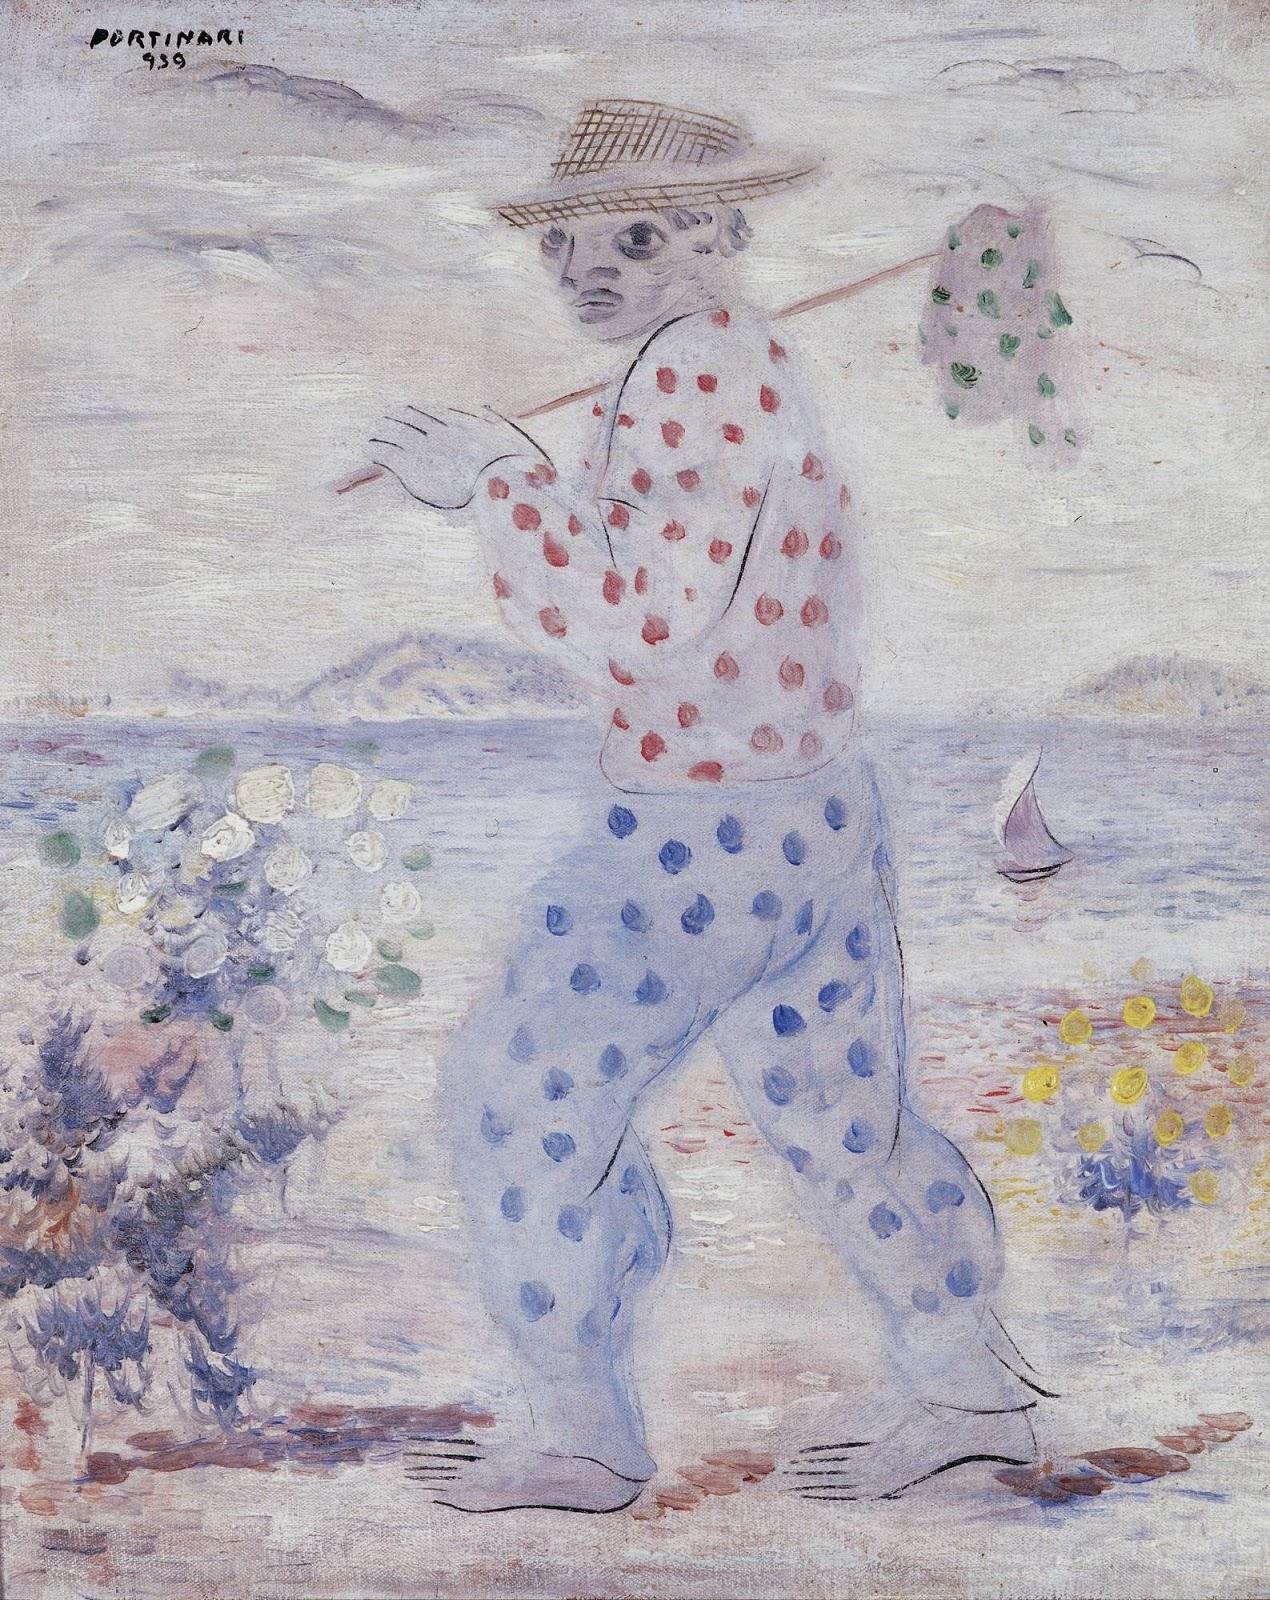 Pescador, Cândido Portinari